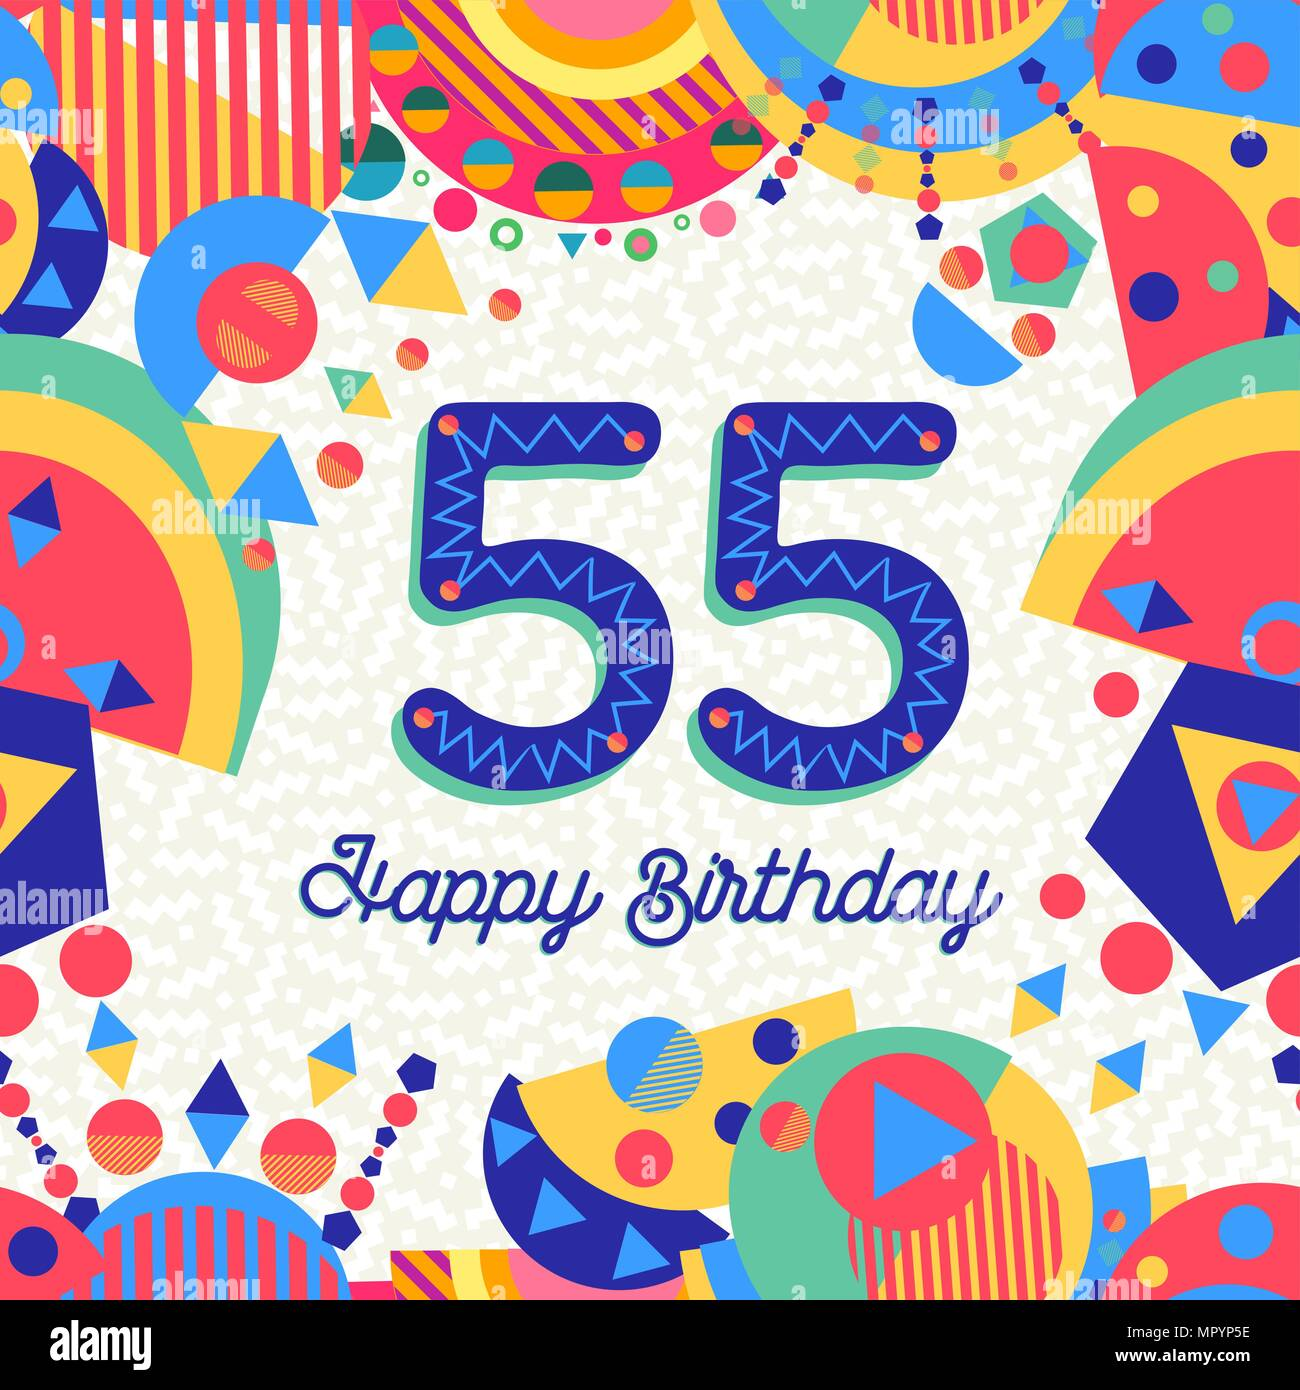 Happy Birthday 55 Jahr Spass Design Mit Nummer Beschriftung Und Farbenfroh Dekoriert Ideal Fur Party Einladung Oder Grusskarte EPS 10 Vecto